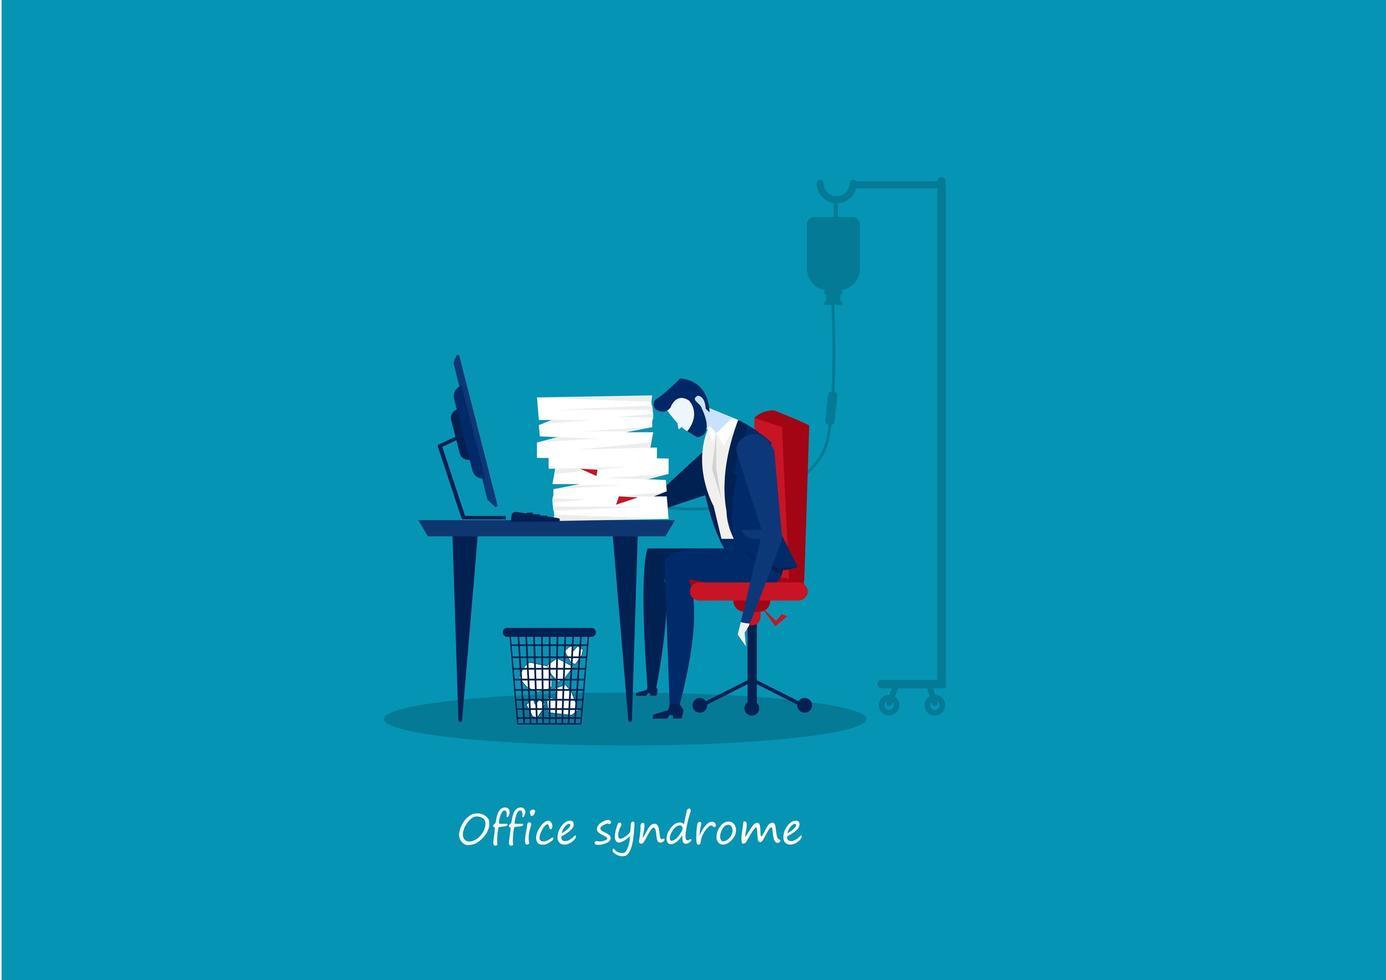 homme d'affaires fatigué avec syndrome de bureau vecteur